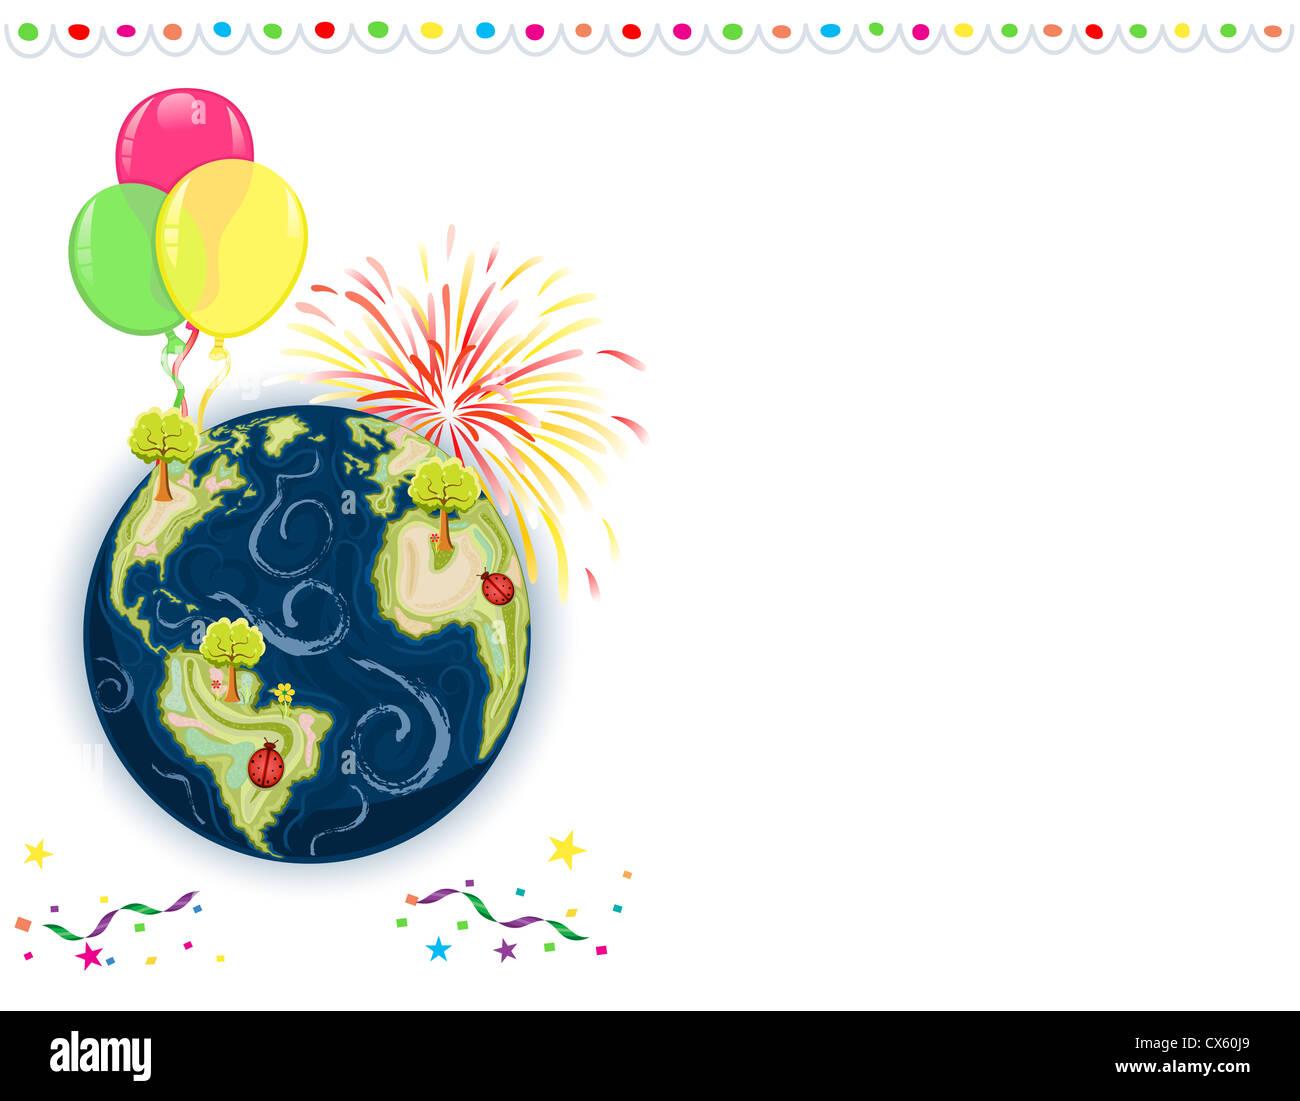 La giornata della terra celebrazione - biglietto di auguri con palloncini, fuochi d'artificio e coriandoli. Immagini Stock